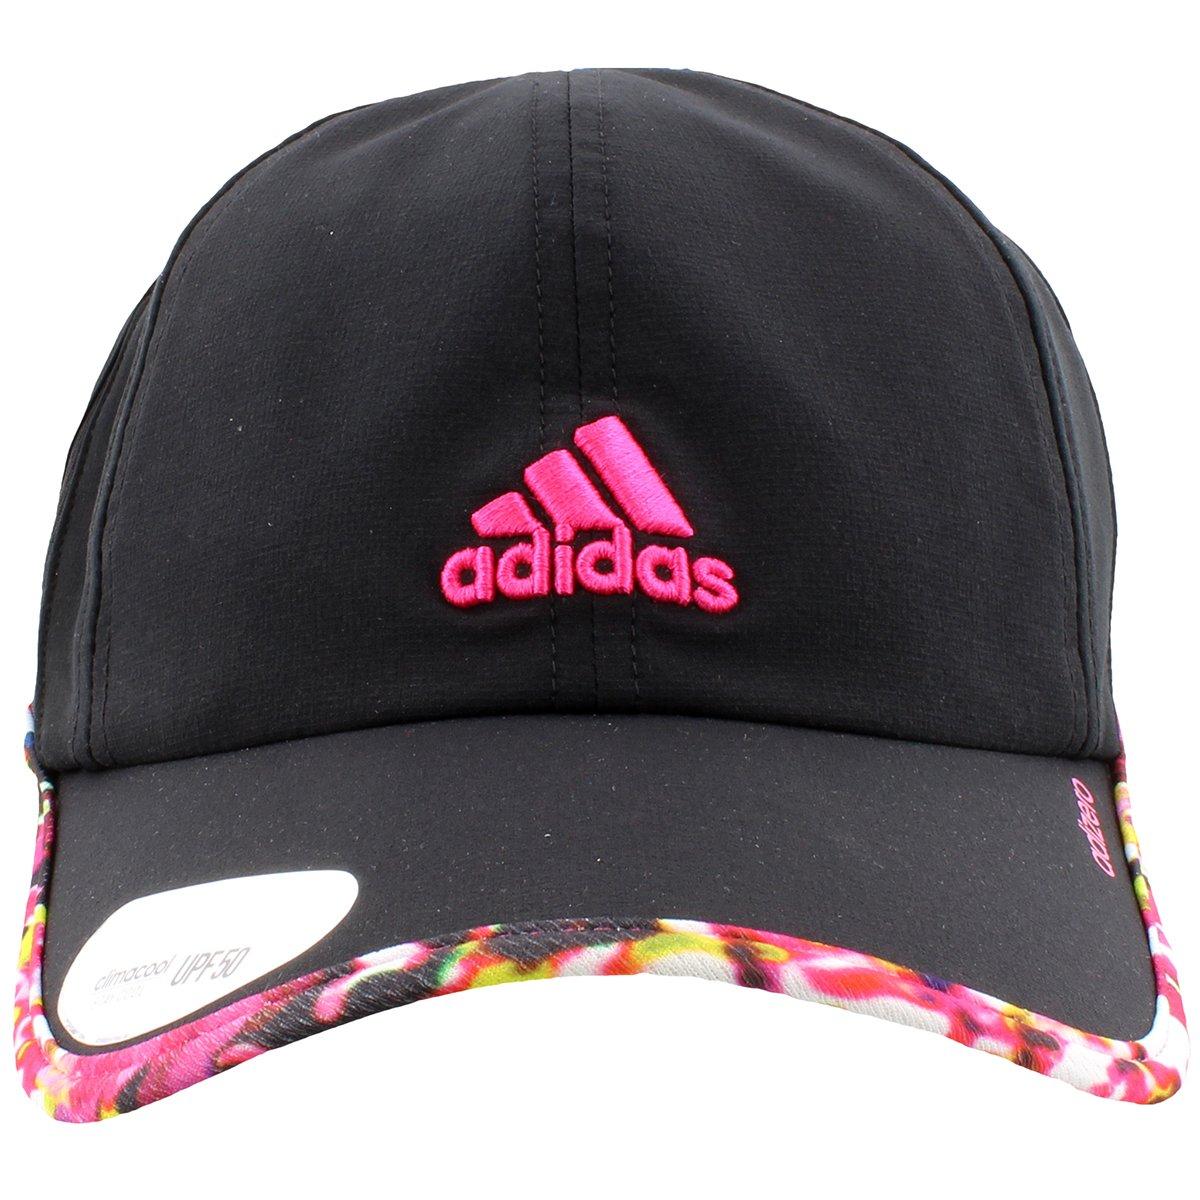 Adizero Ii Cappello Delle Donne Di Adidas aiiCjH0K94